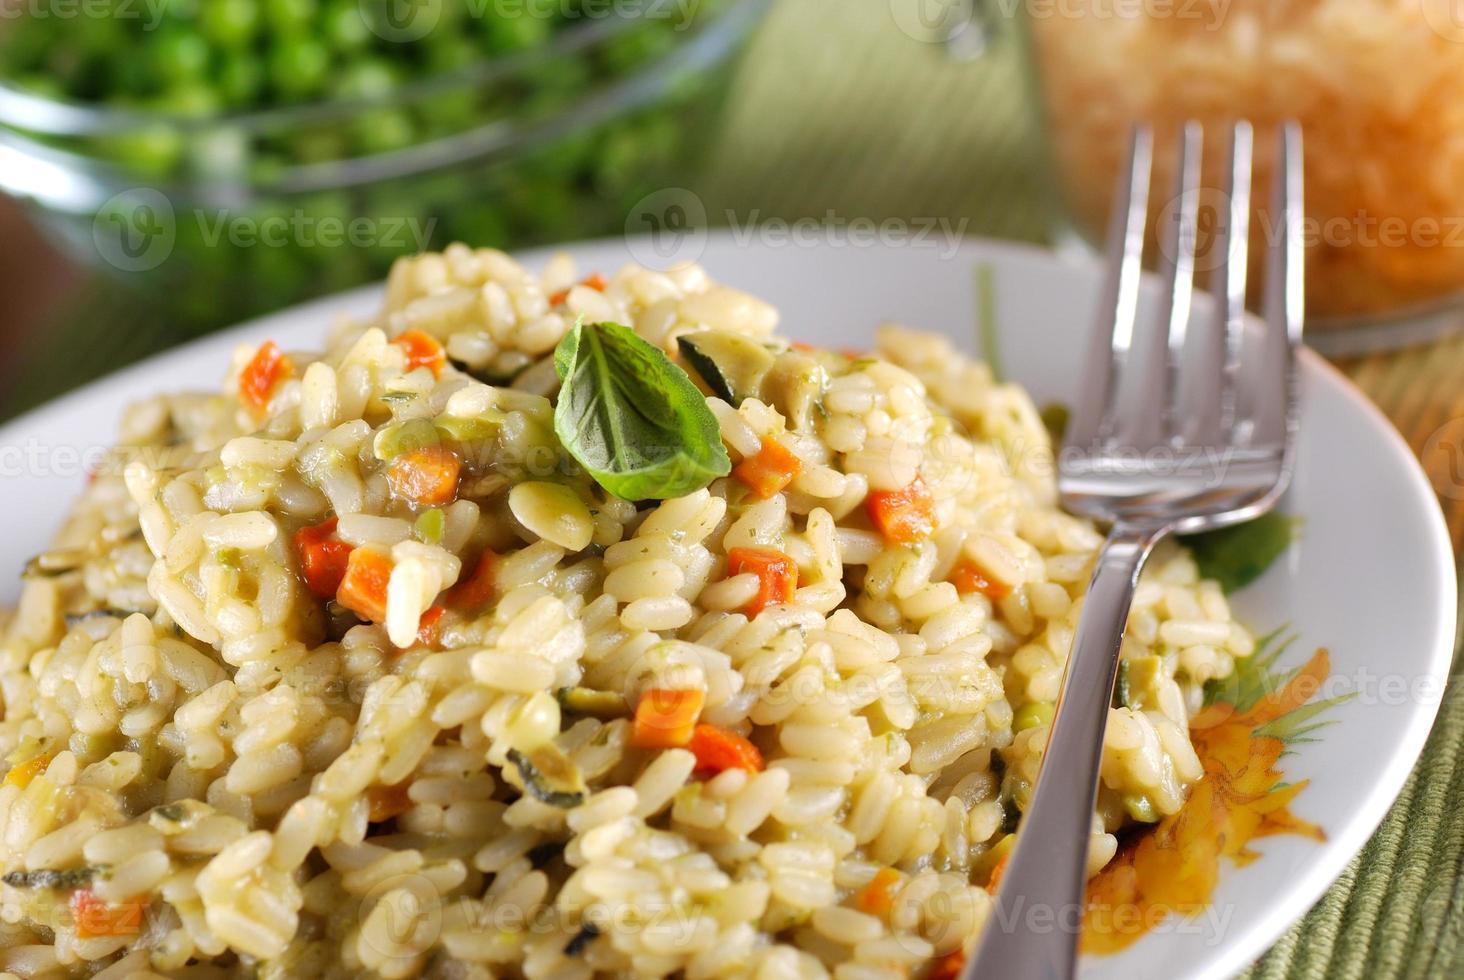 risotto con verduras variadas foto